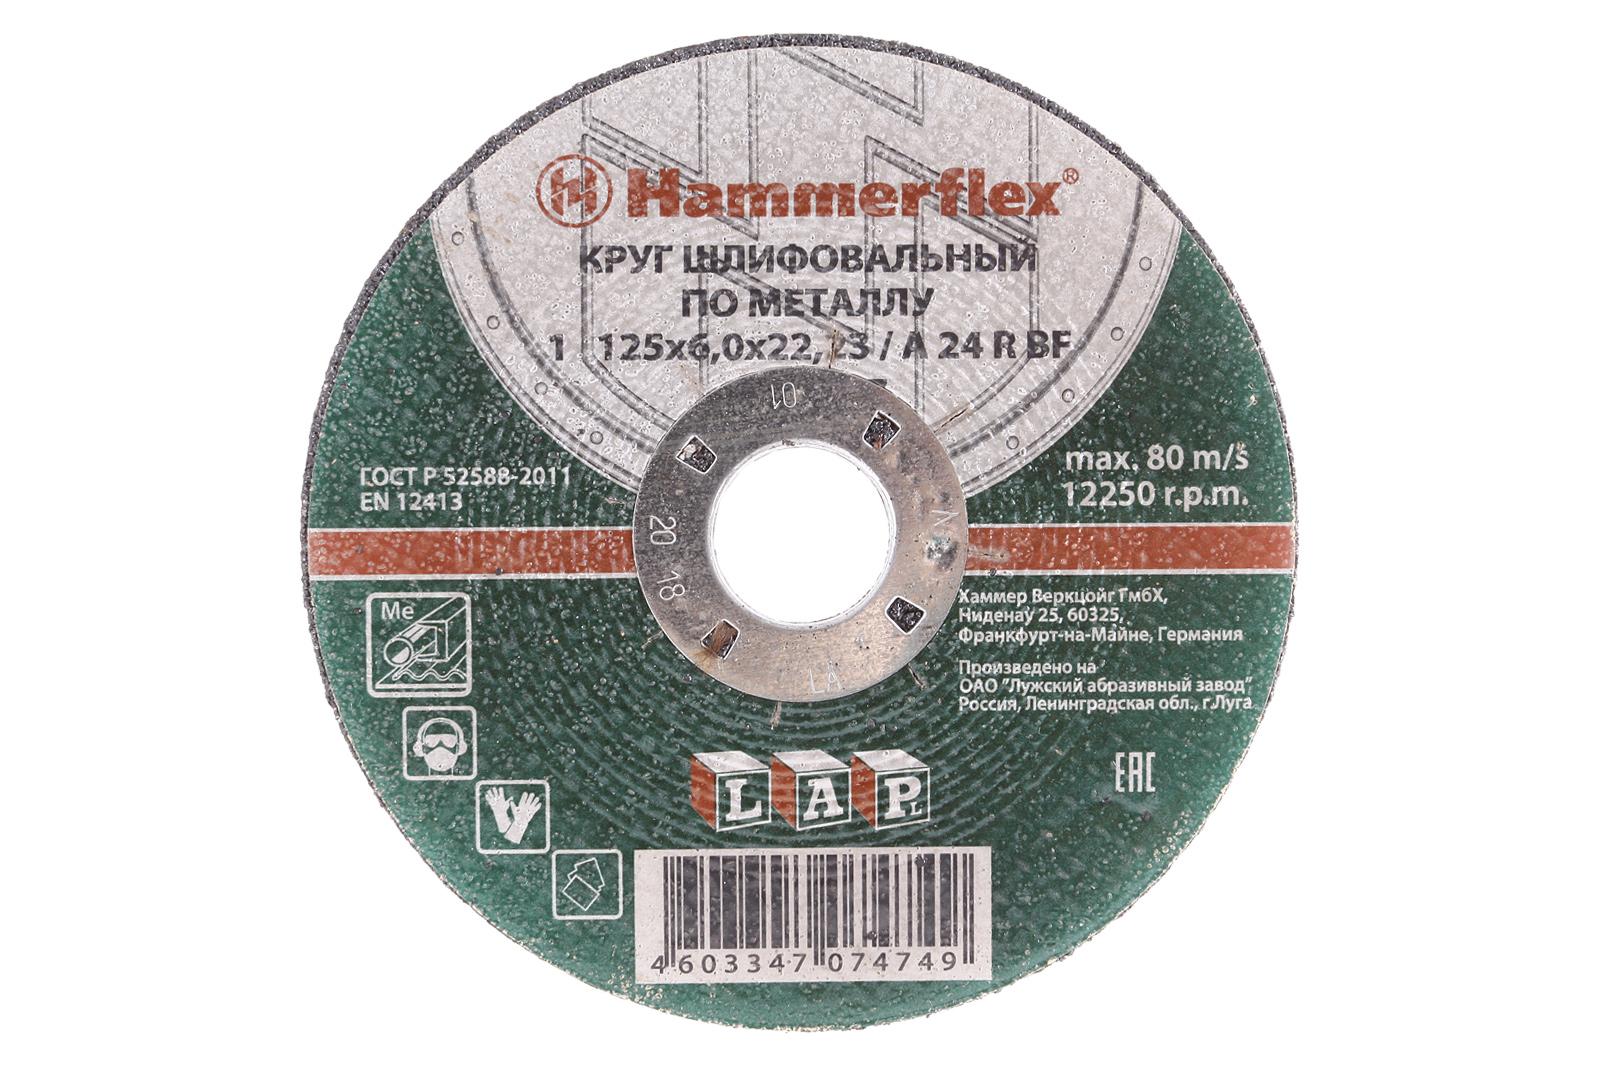 Круг зачистной Hammer 125 x 6.0 x 22 по металлу 10шт круг отрезной hammer 150 x 2 0 x 22 по металлу коробка 200шт